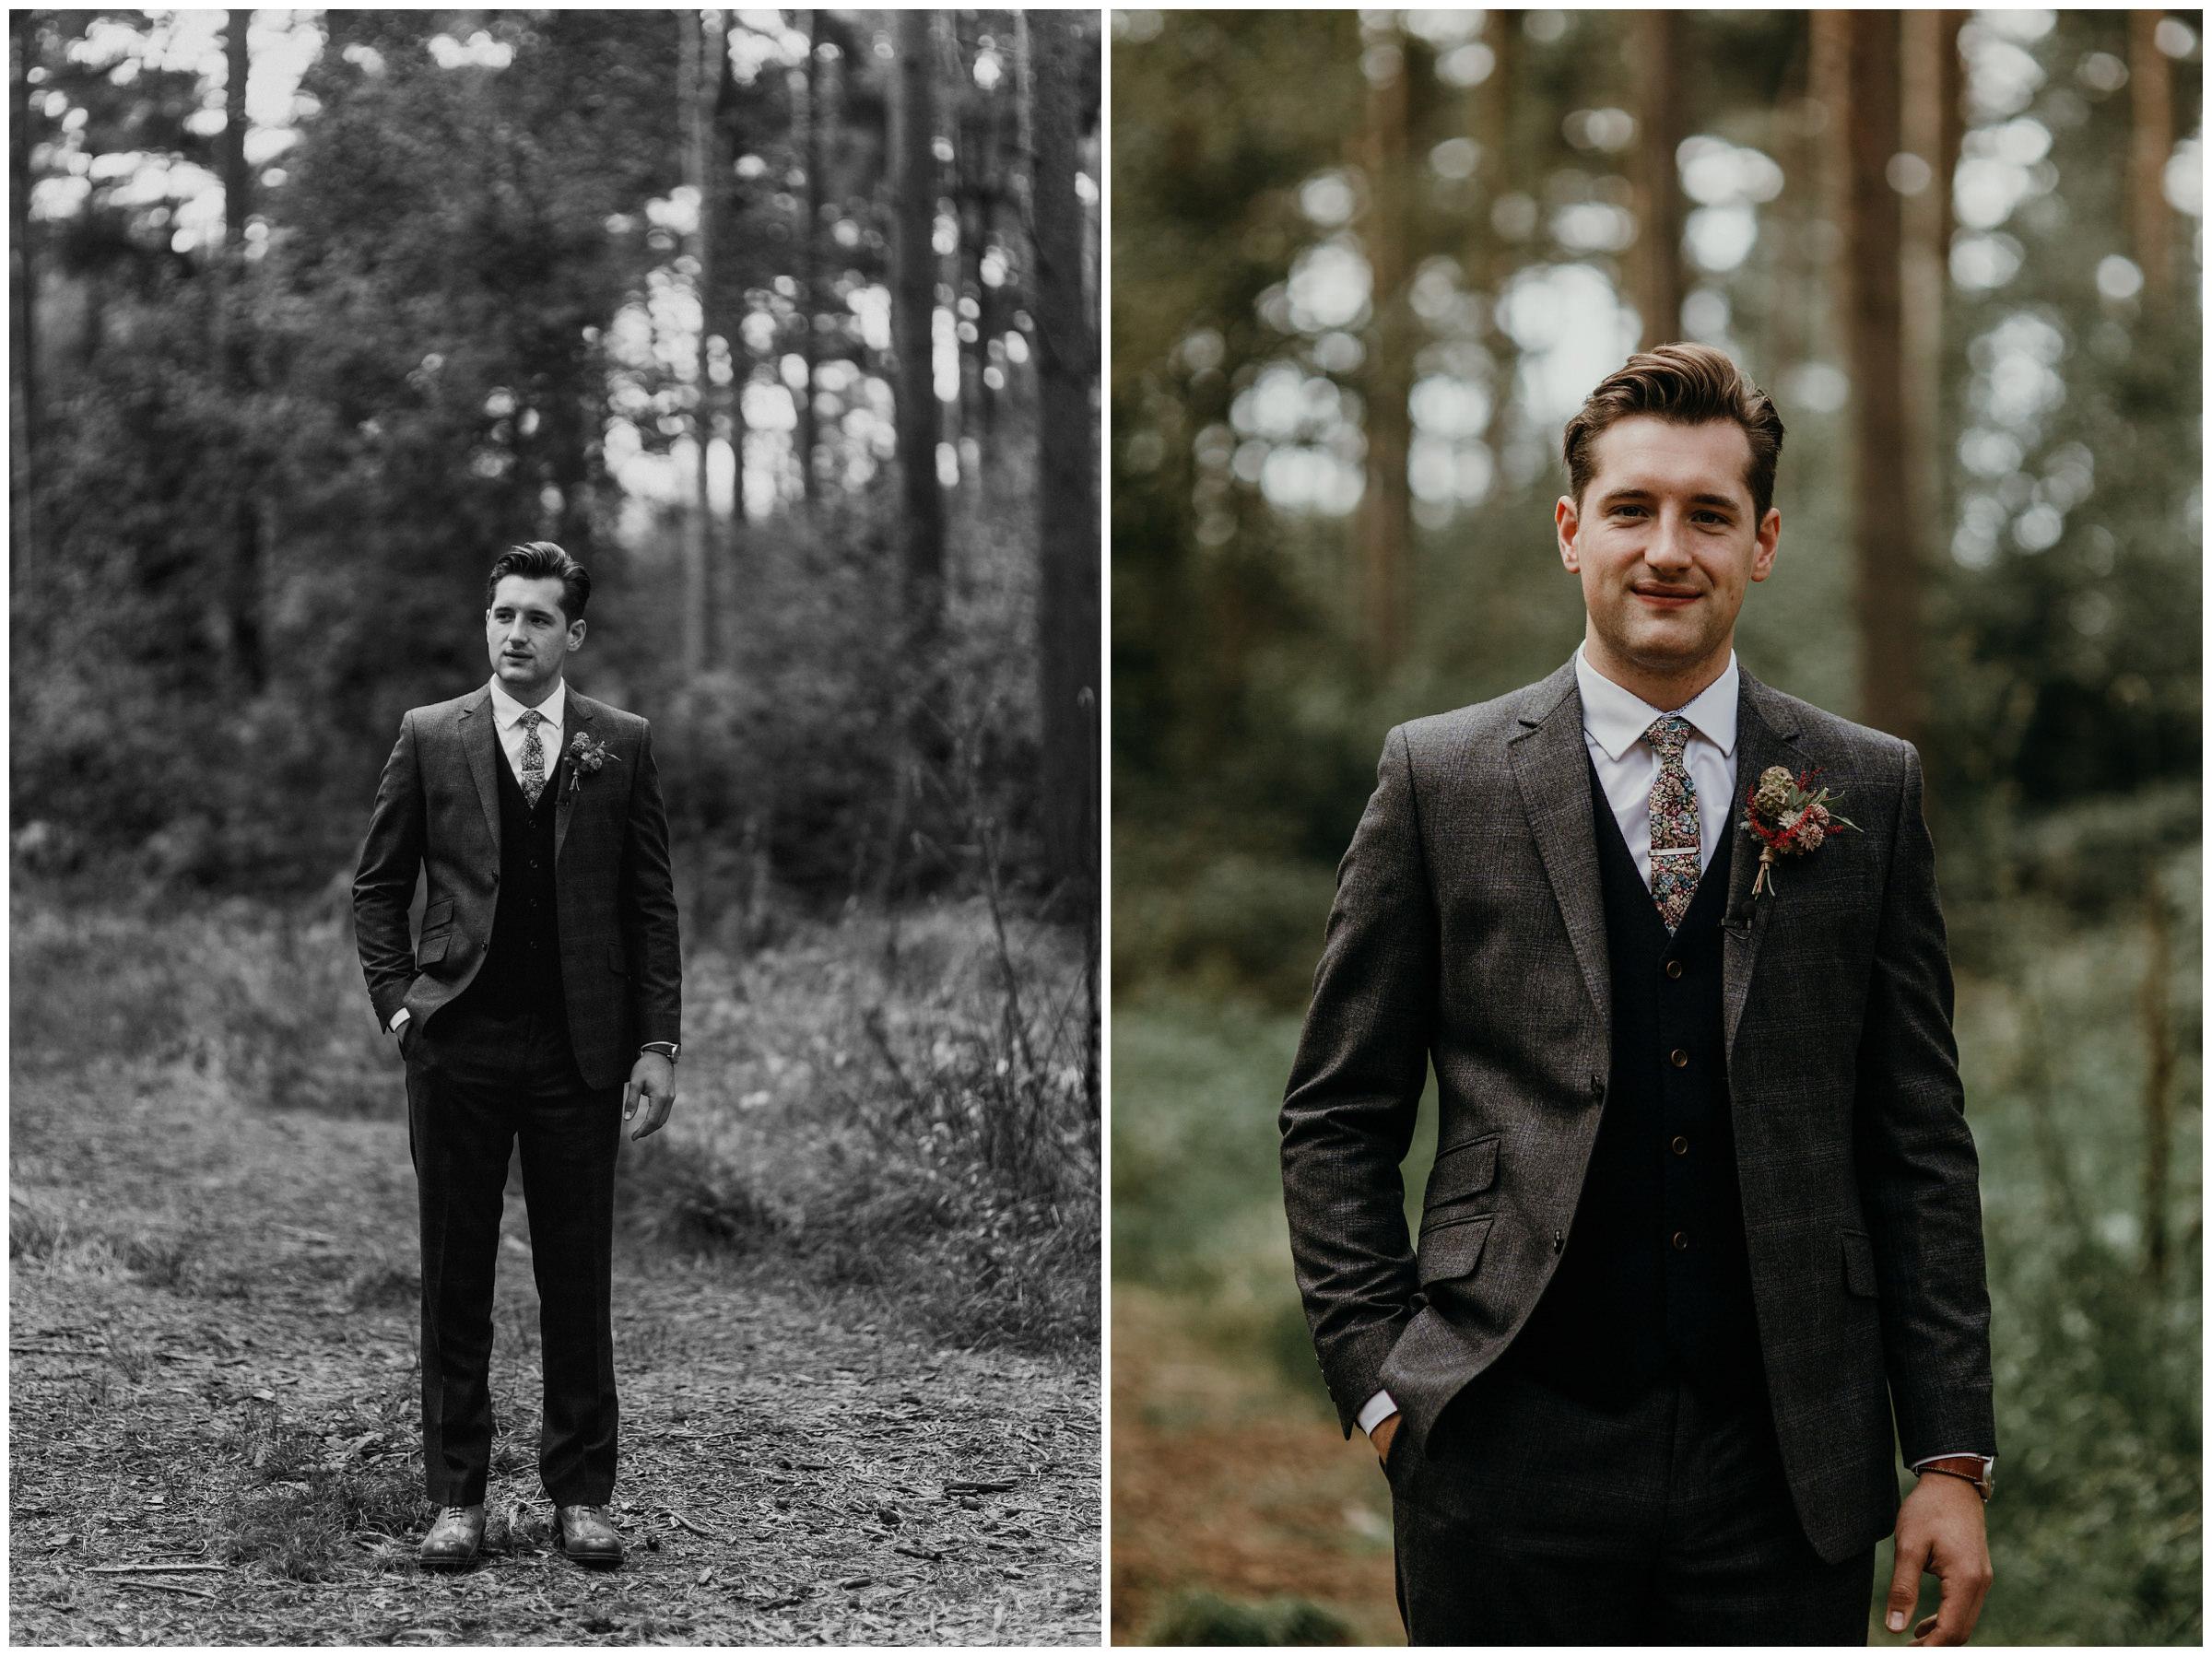 groom in tweed suit